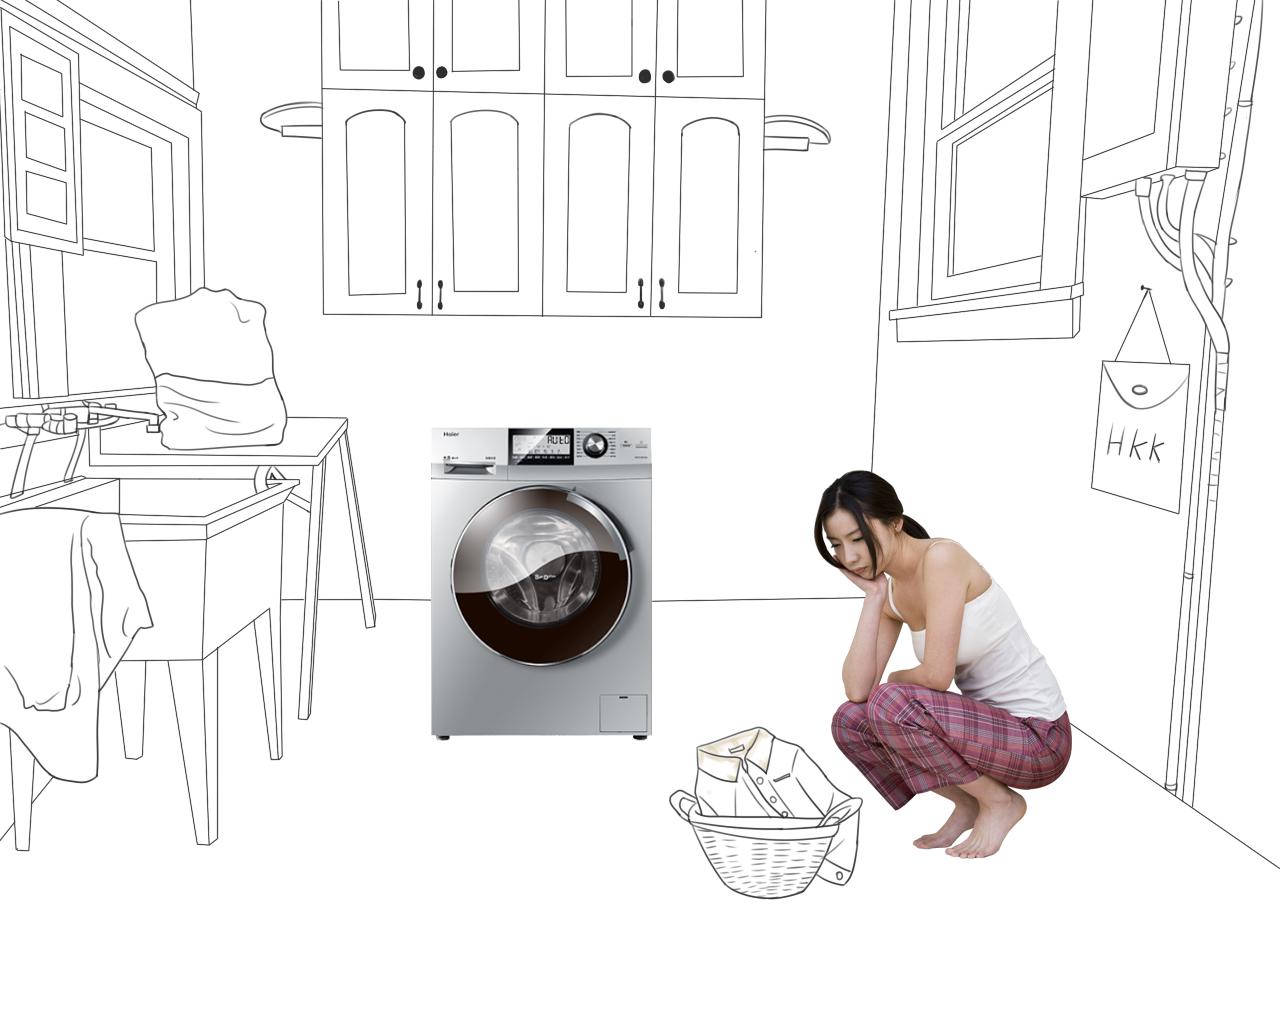 洗衣机手绘场景结合